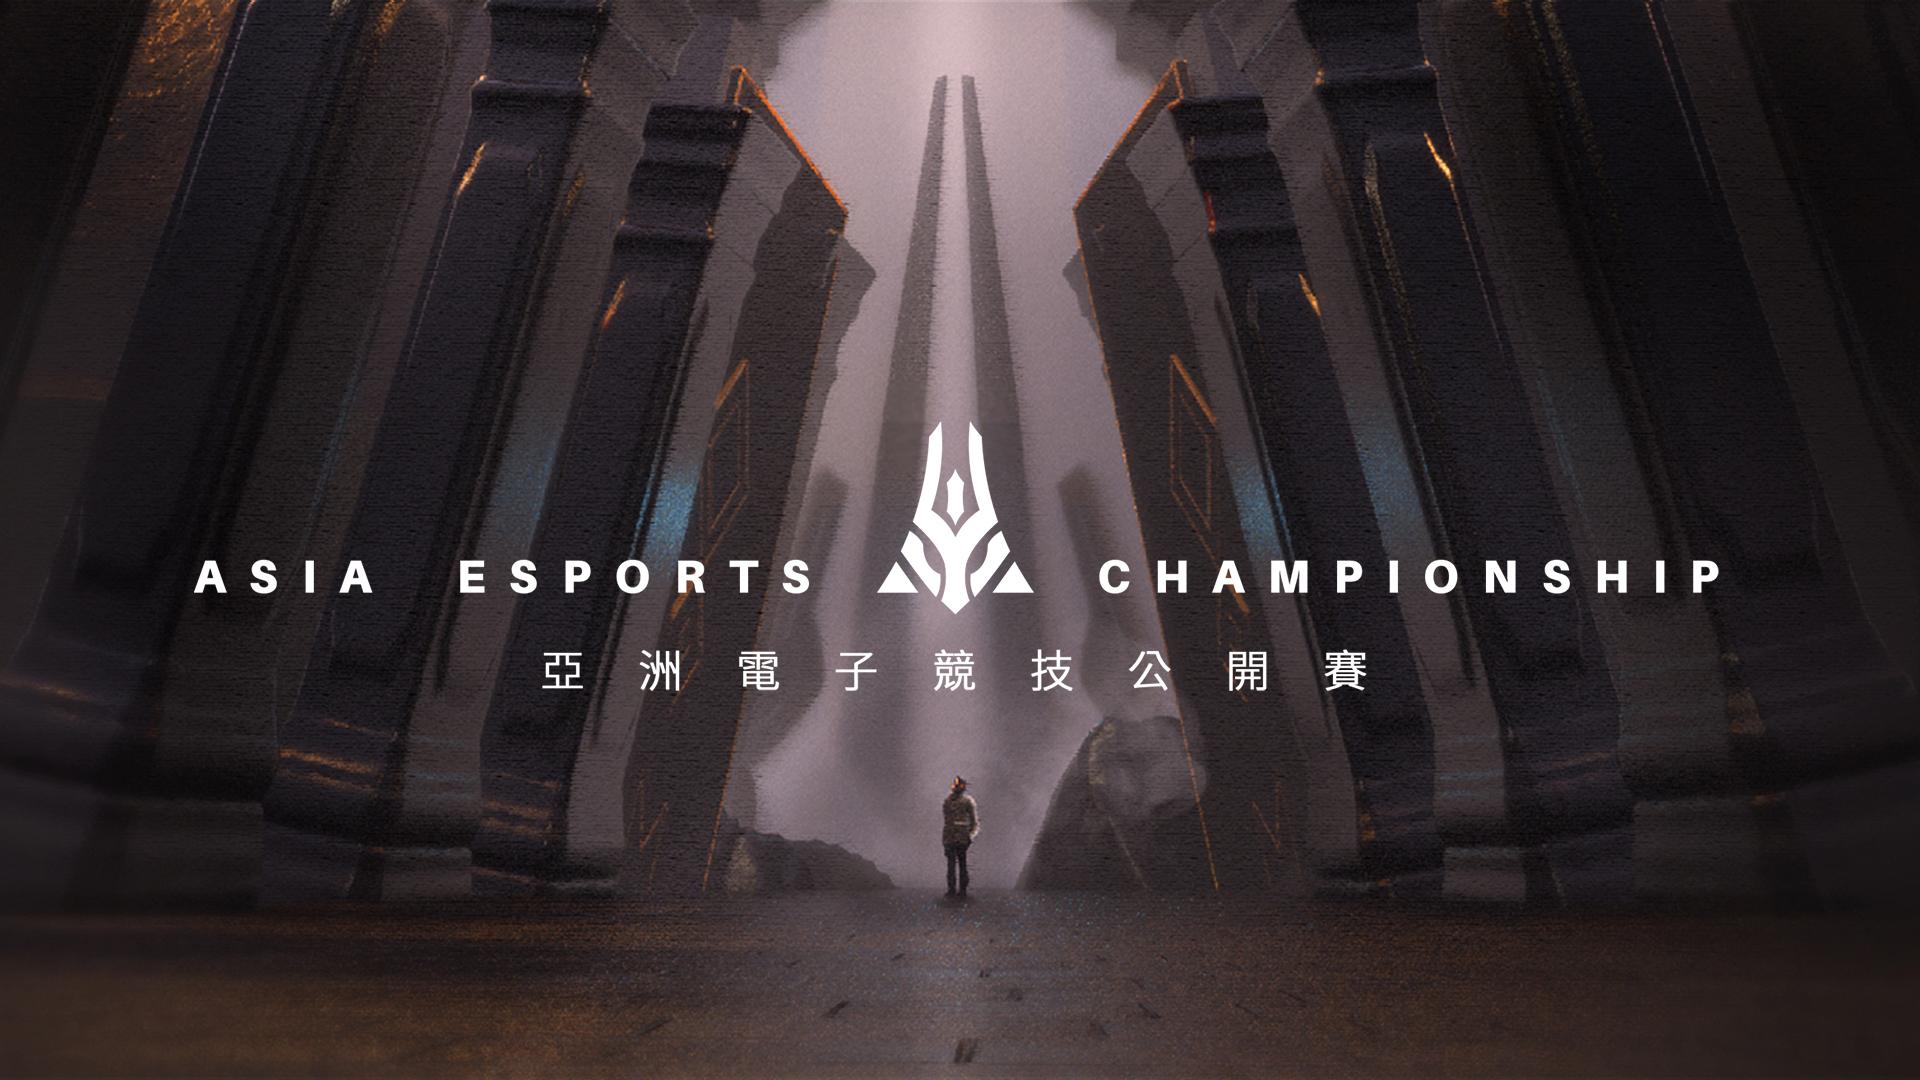 ▲《亞洲電子競技公開賽》將在29日開放報名!